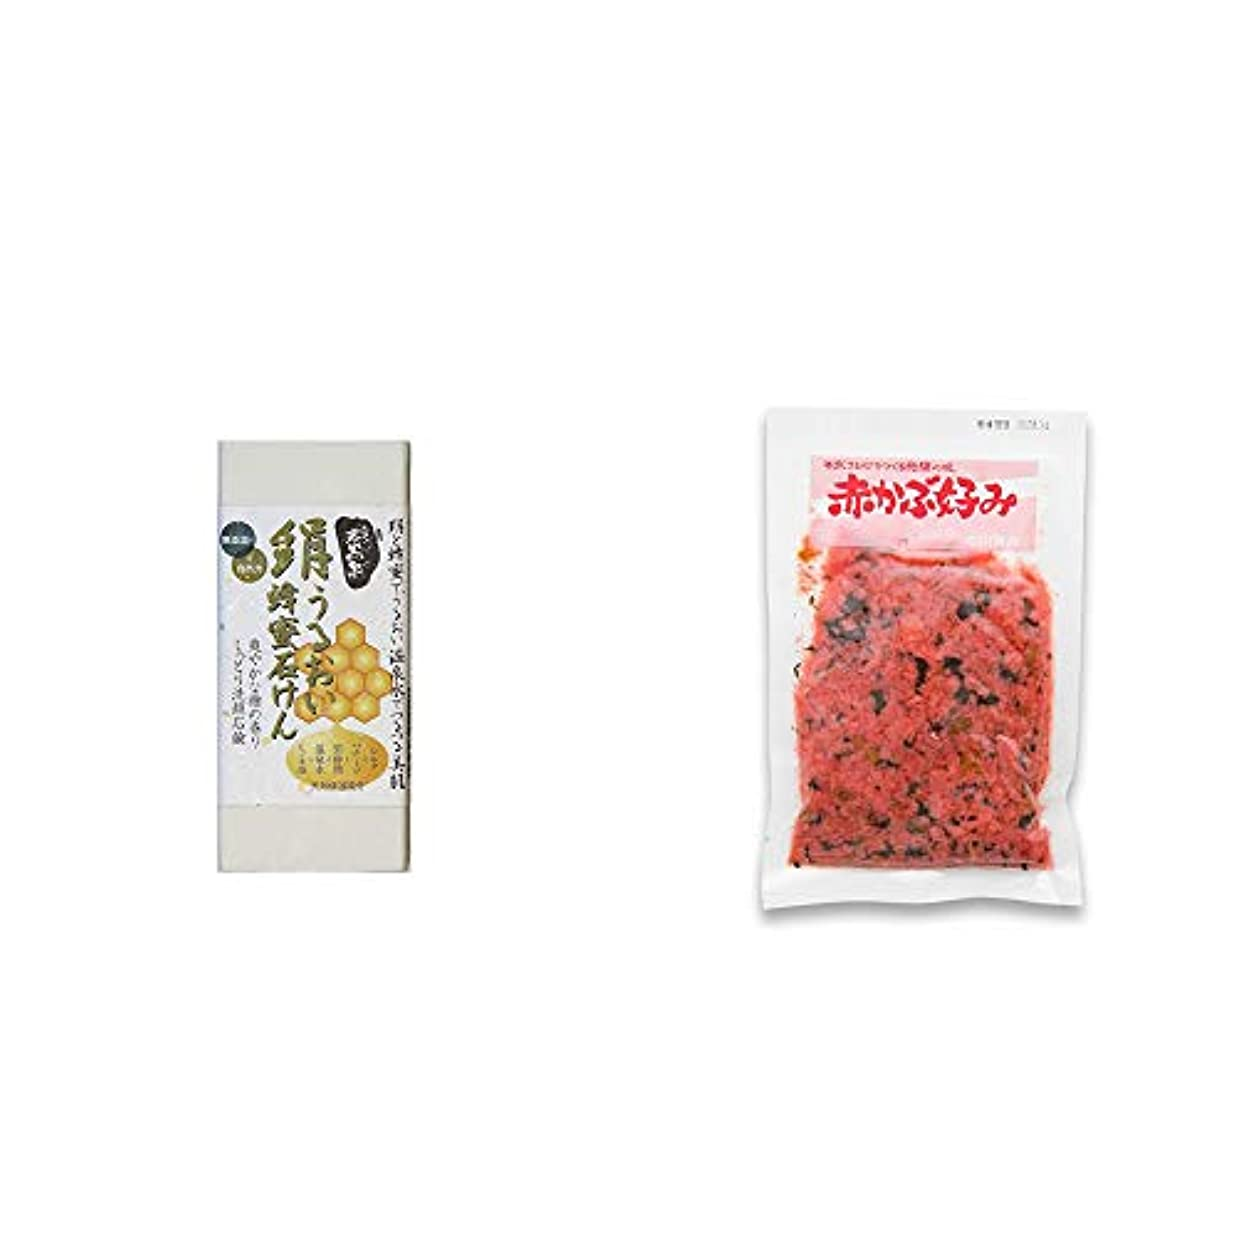 破滅ダースあえて[2点セット] ひのき炭黒泉 絹うるおい蜂蜜石けん(75g×2)?赤かぶ好み(150g)